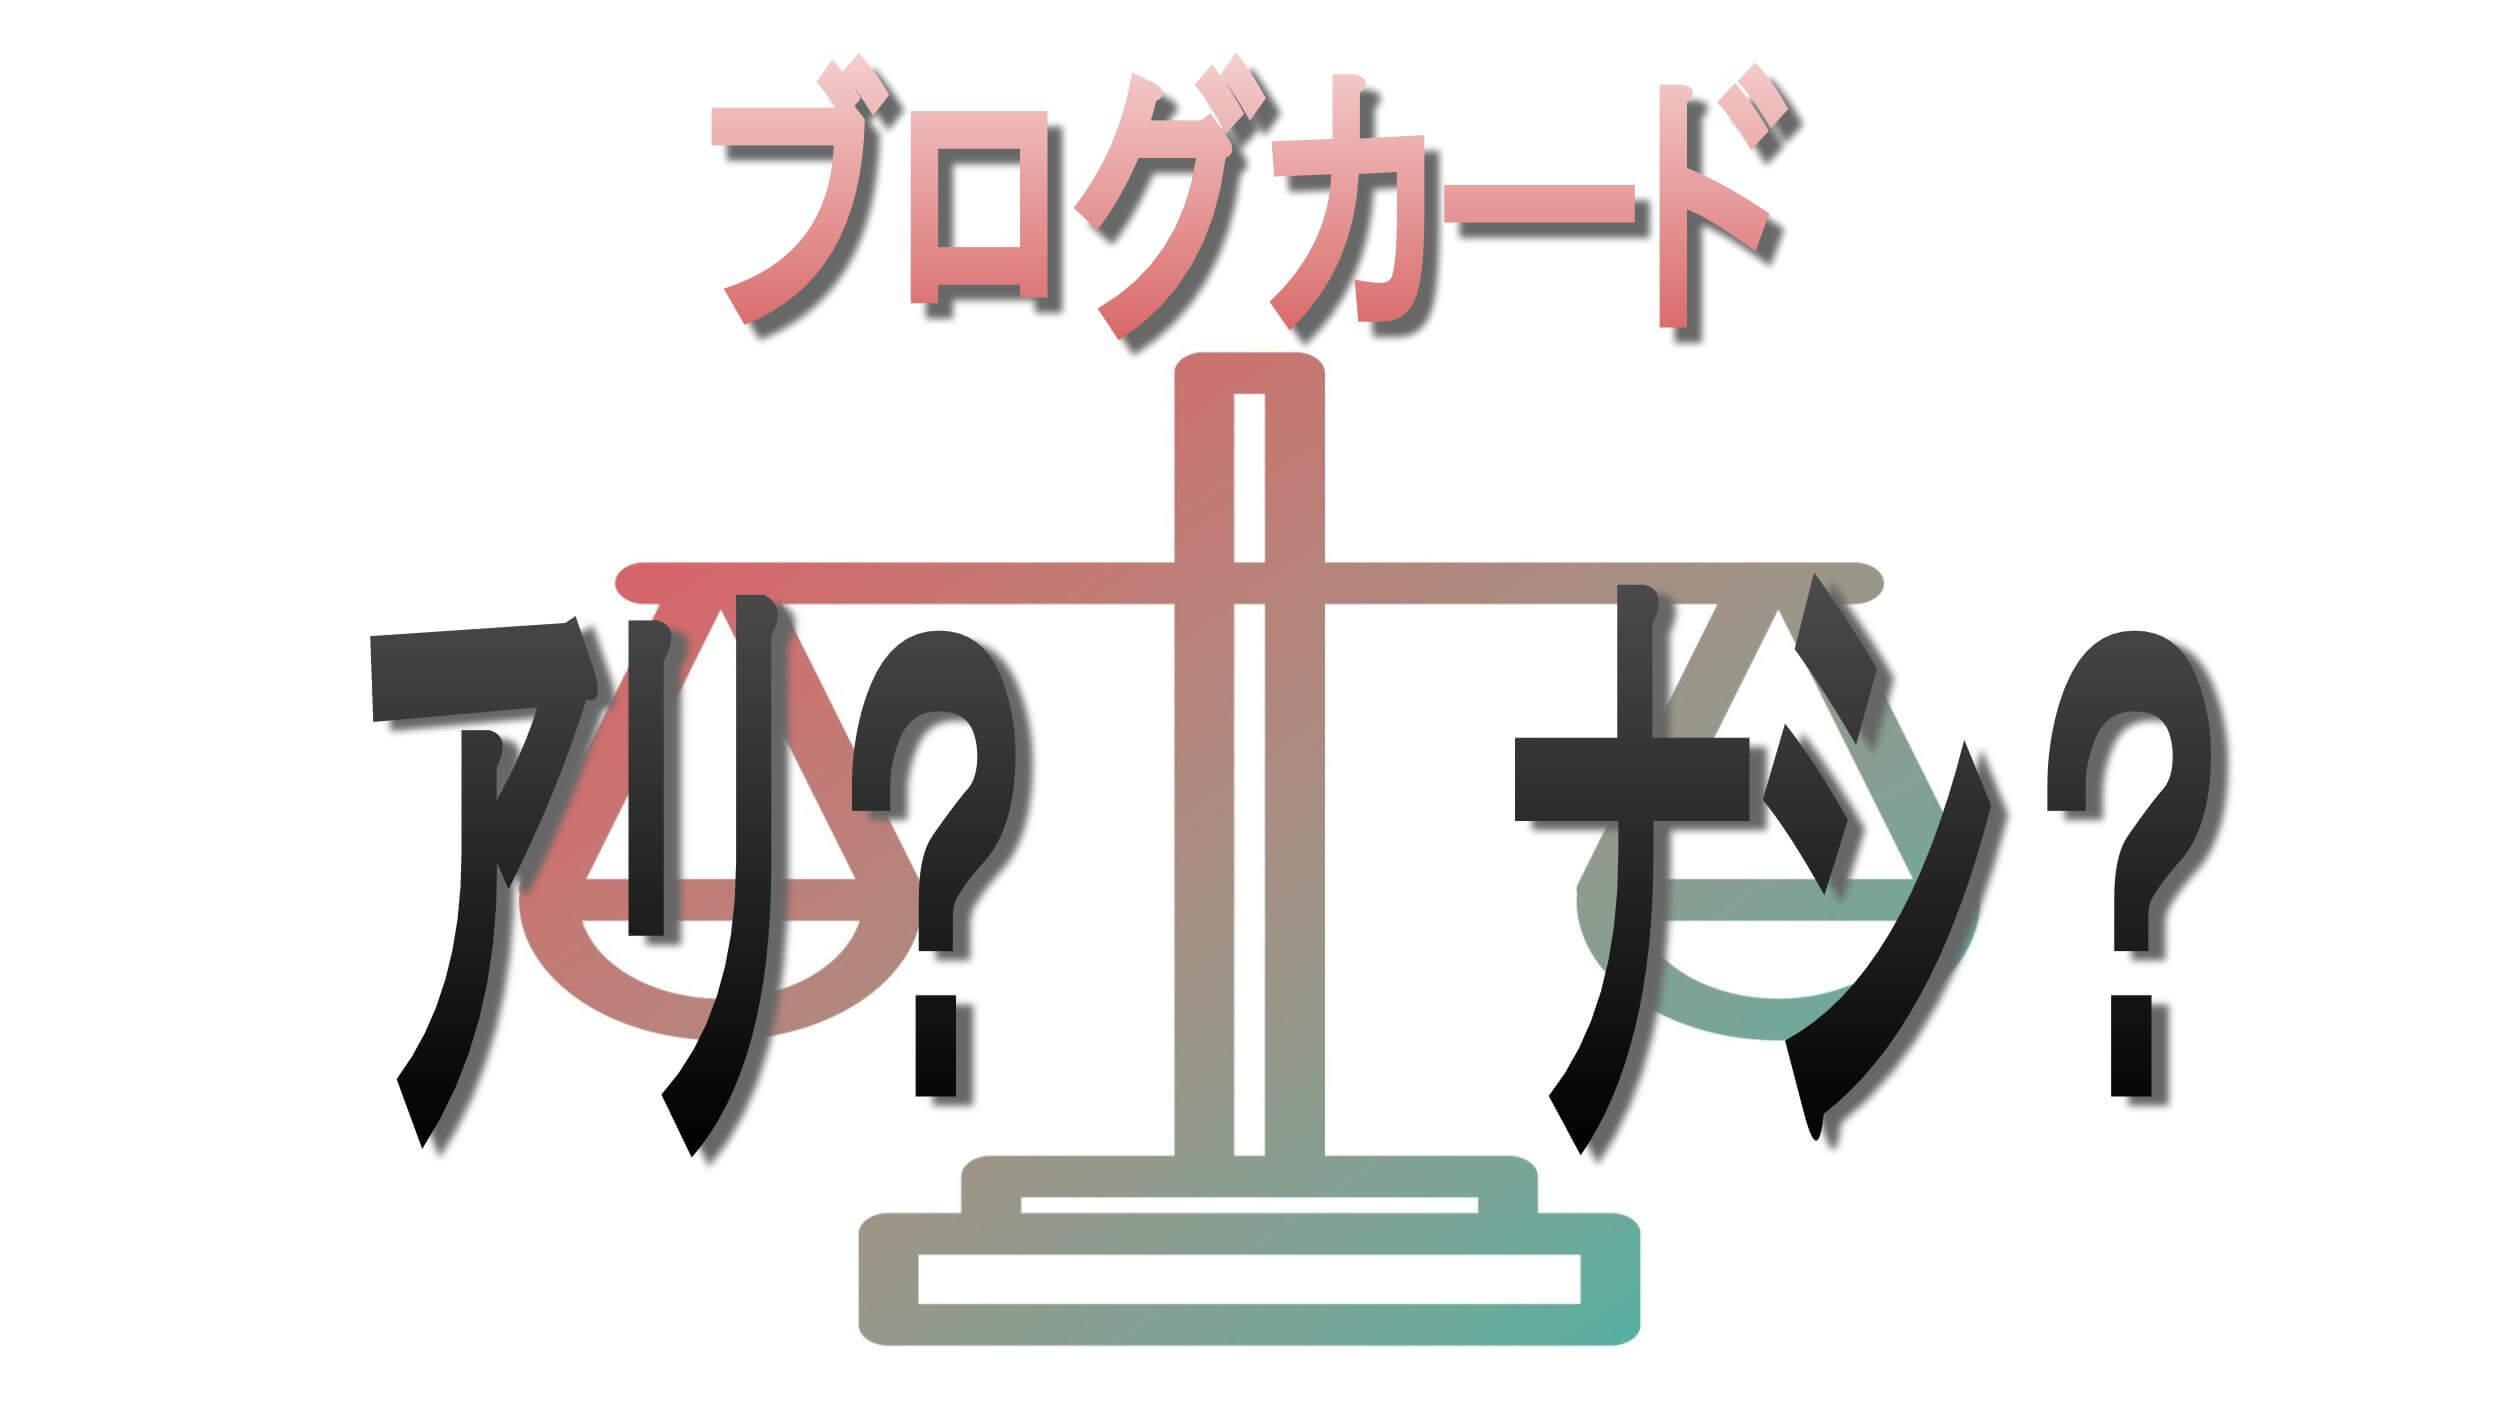 天秤 テキスト「ブログカード アリ?ナシ?」